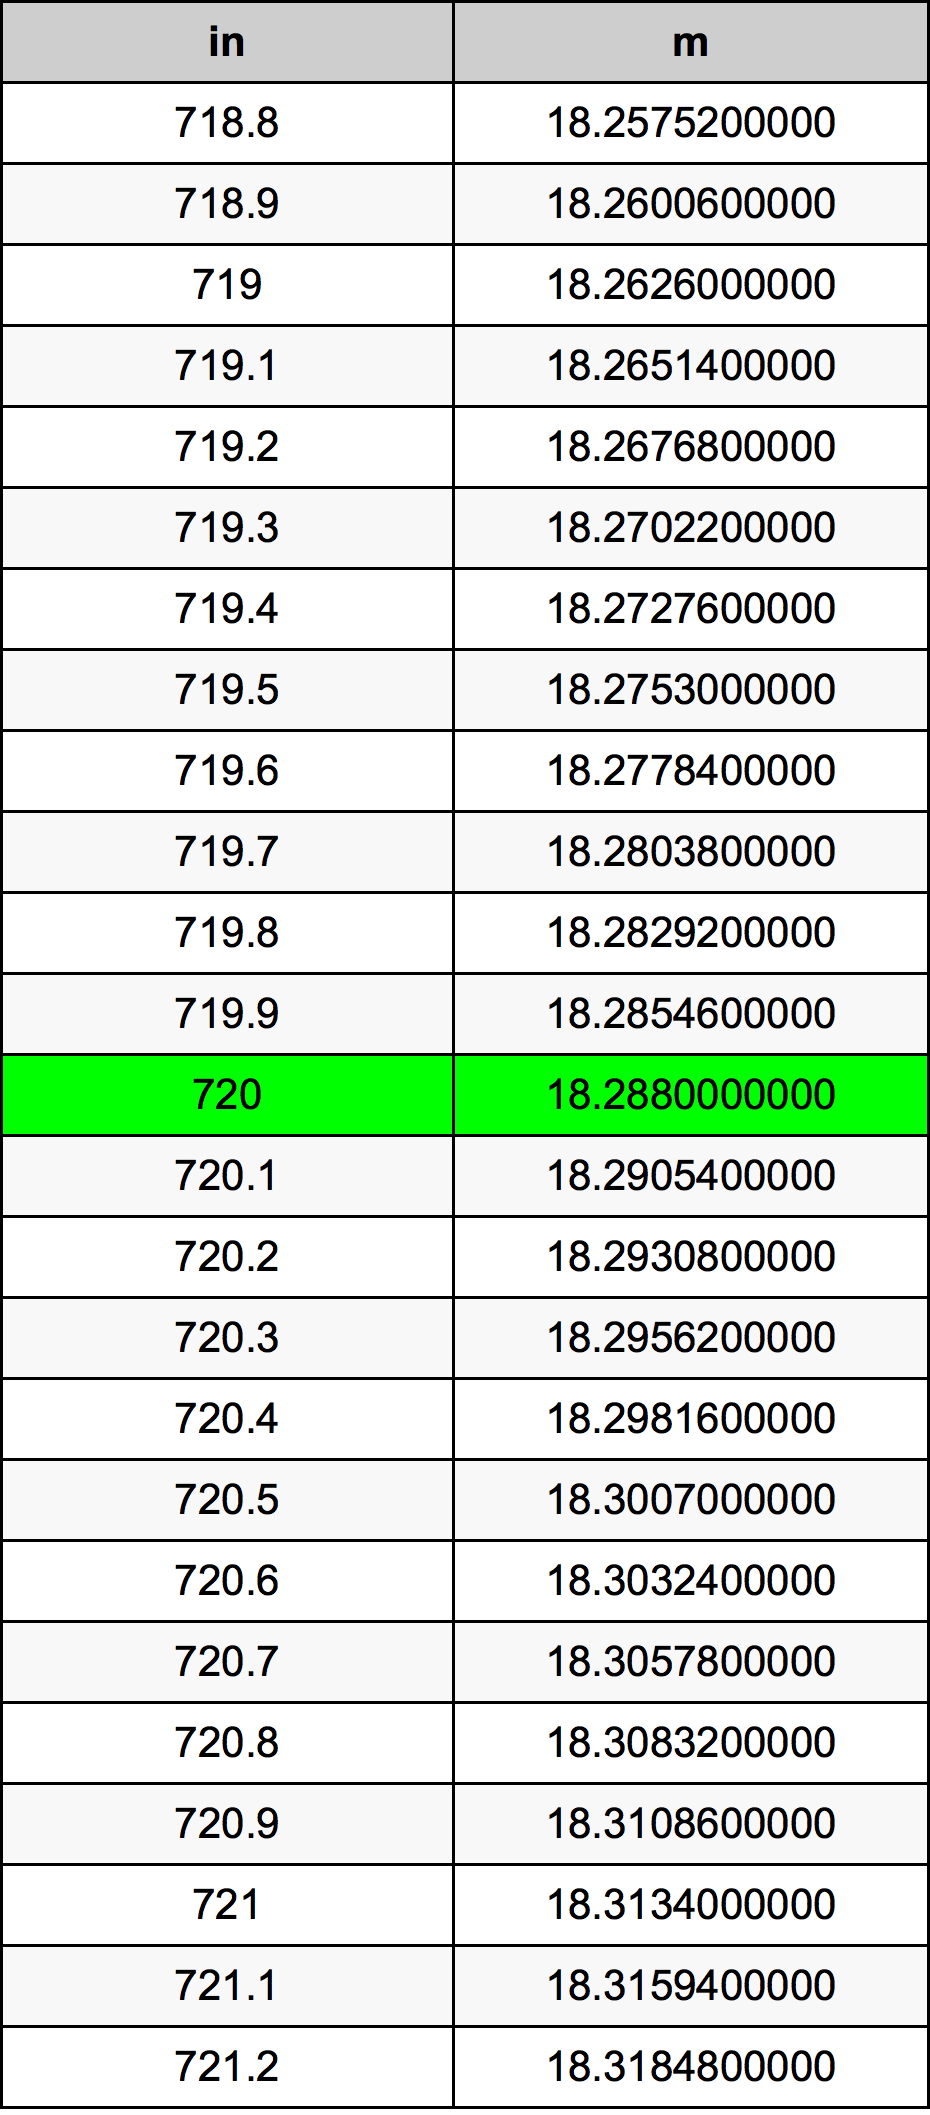 720 Tomme konverteringstabellen